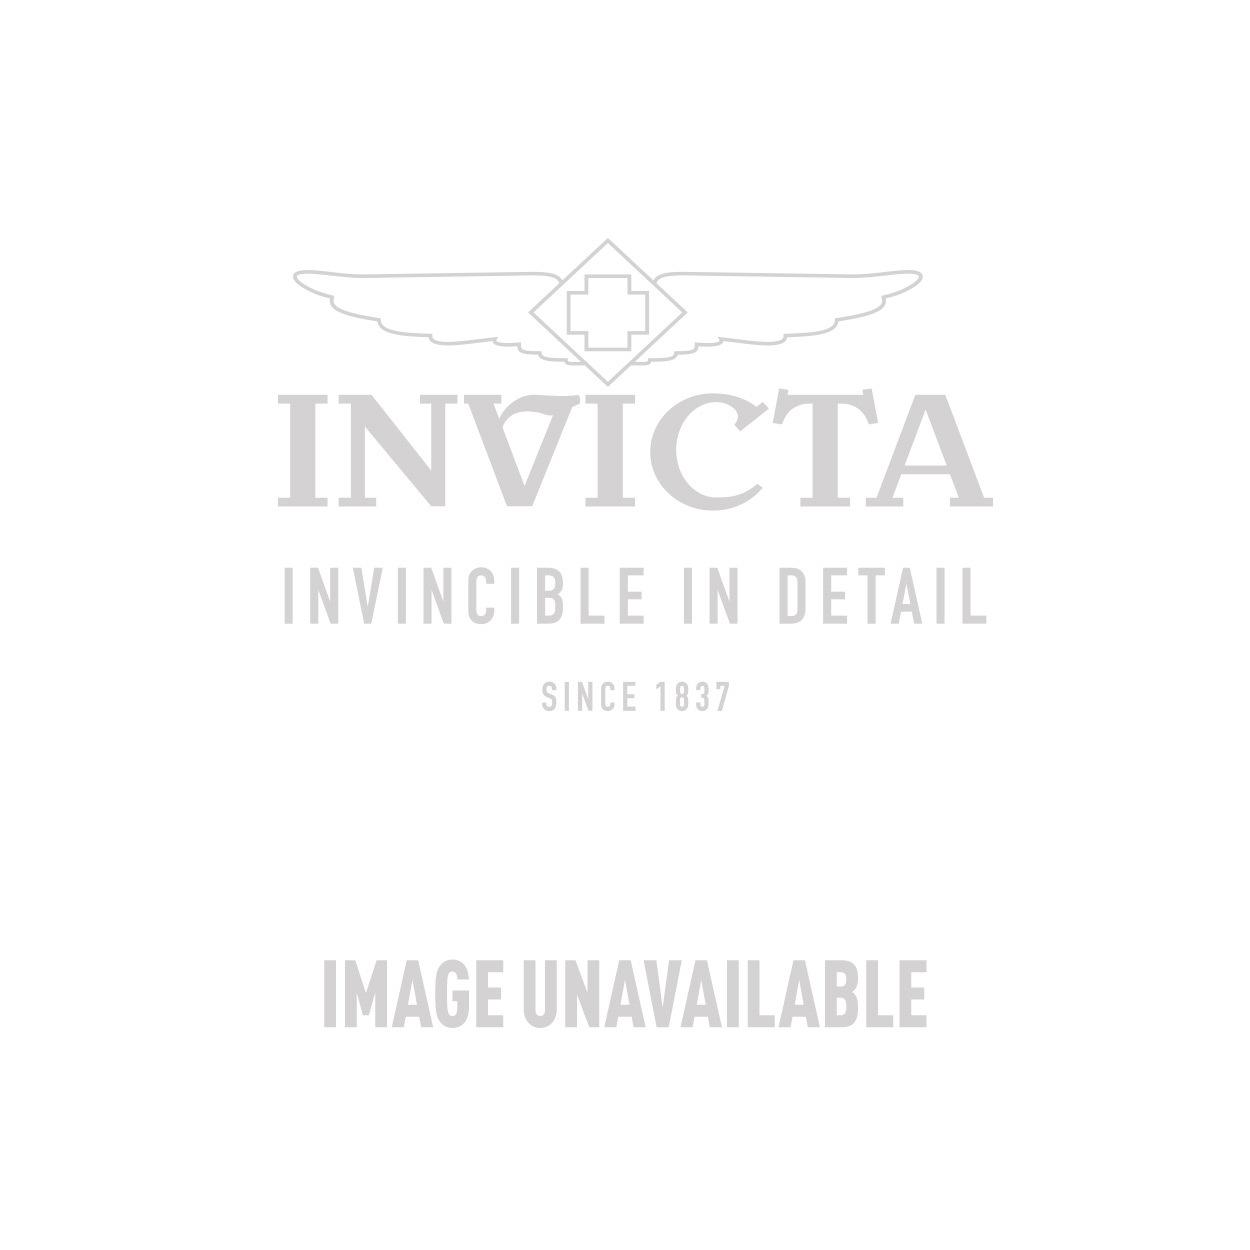 Invicta Model 25771